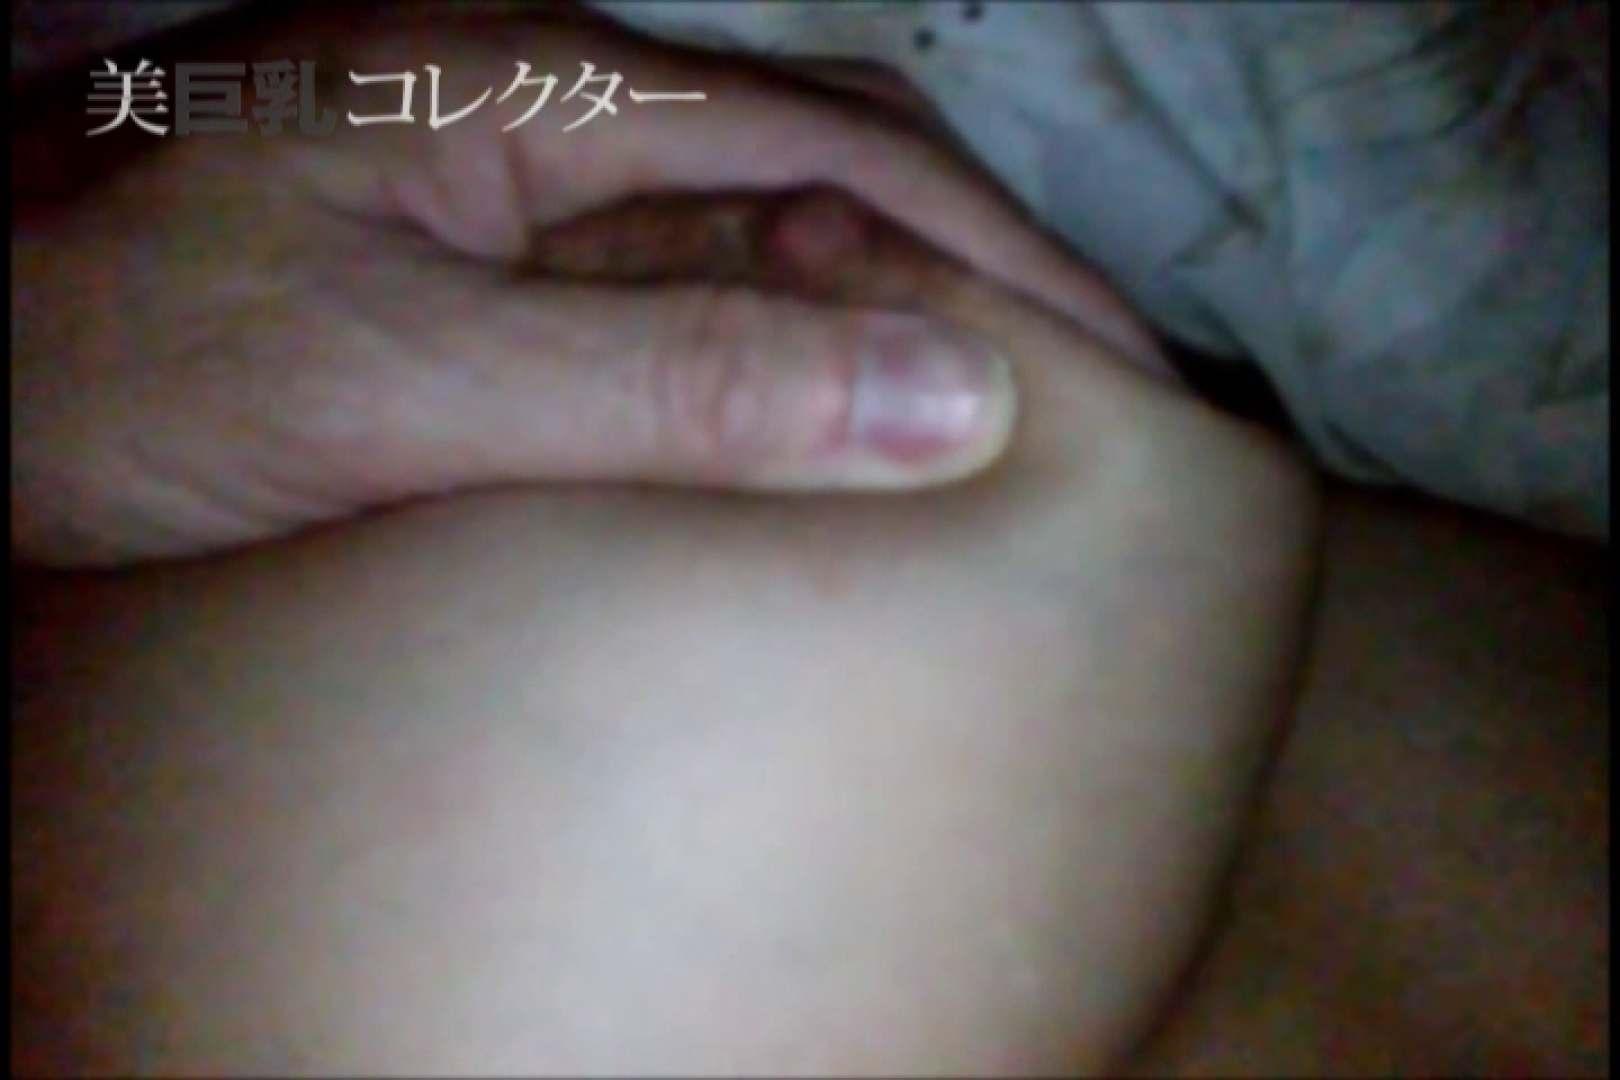 泥酔Hカップ爆乳ギャル2 悪戯 すけべAV動画紹介 108連発 56